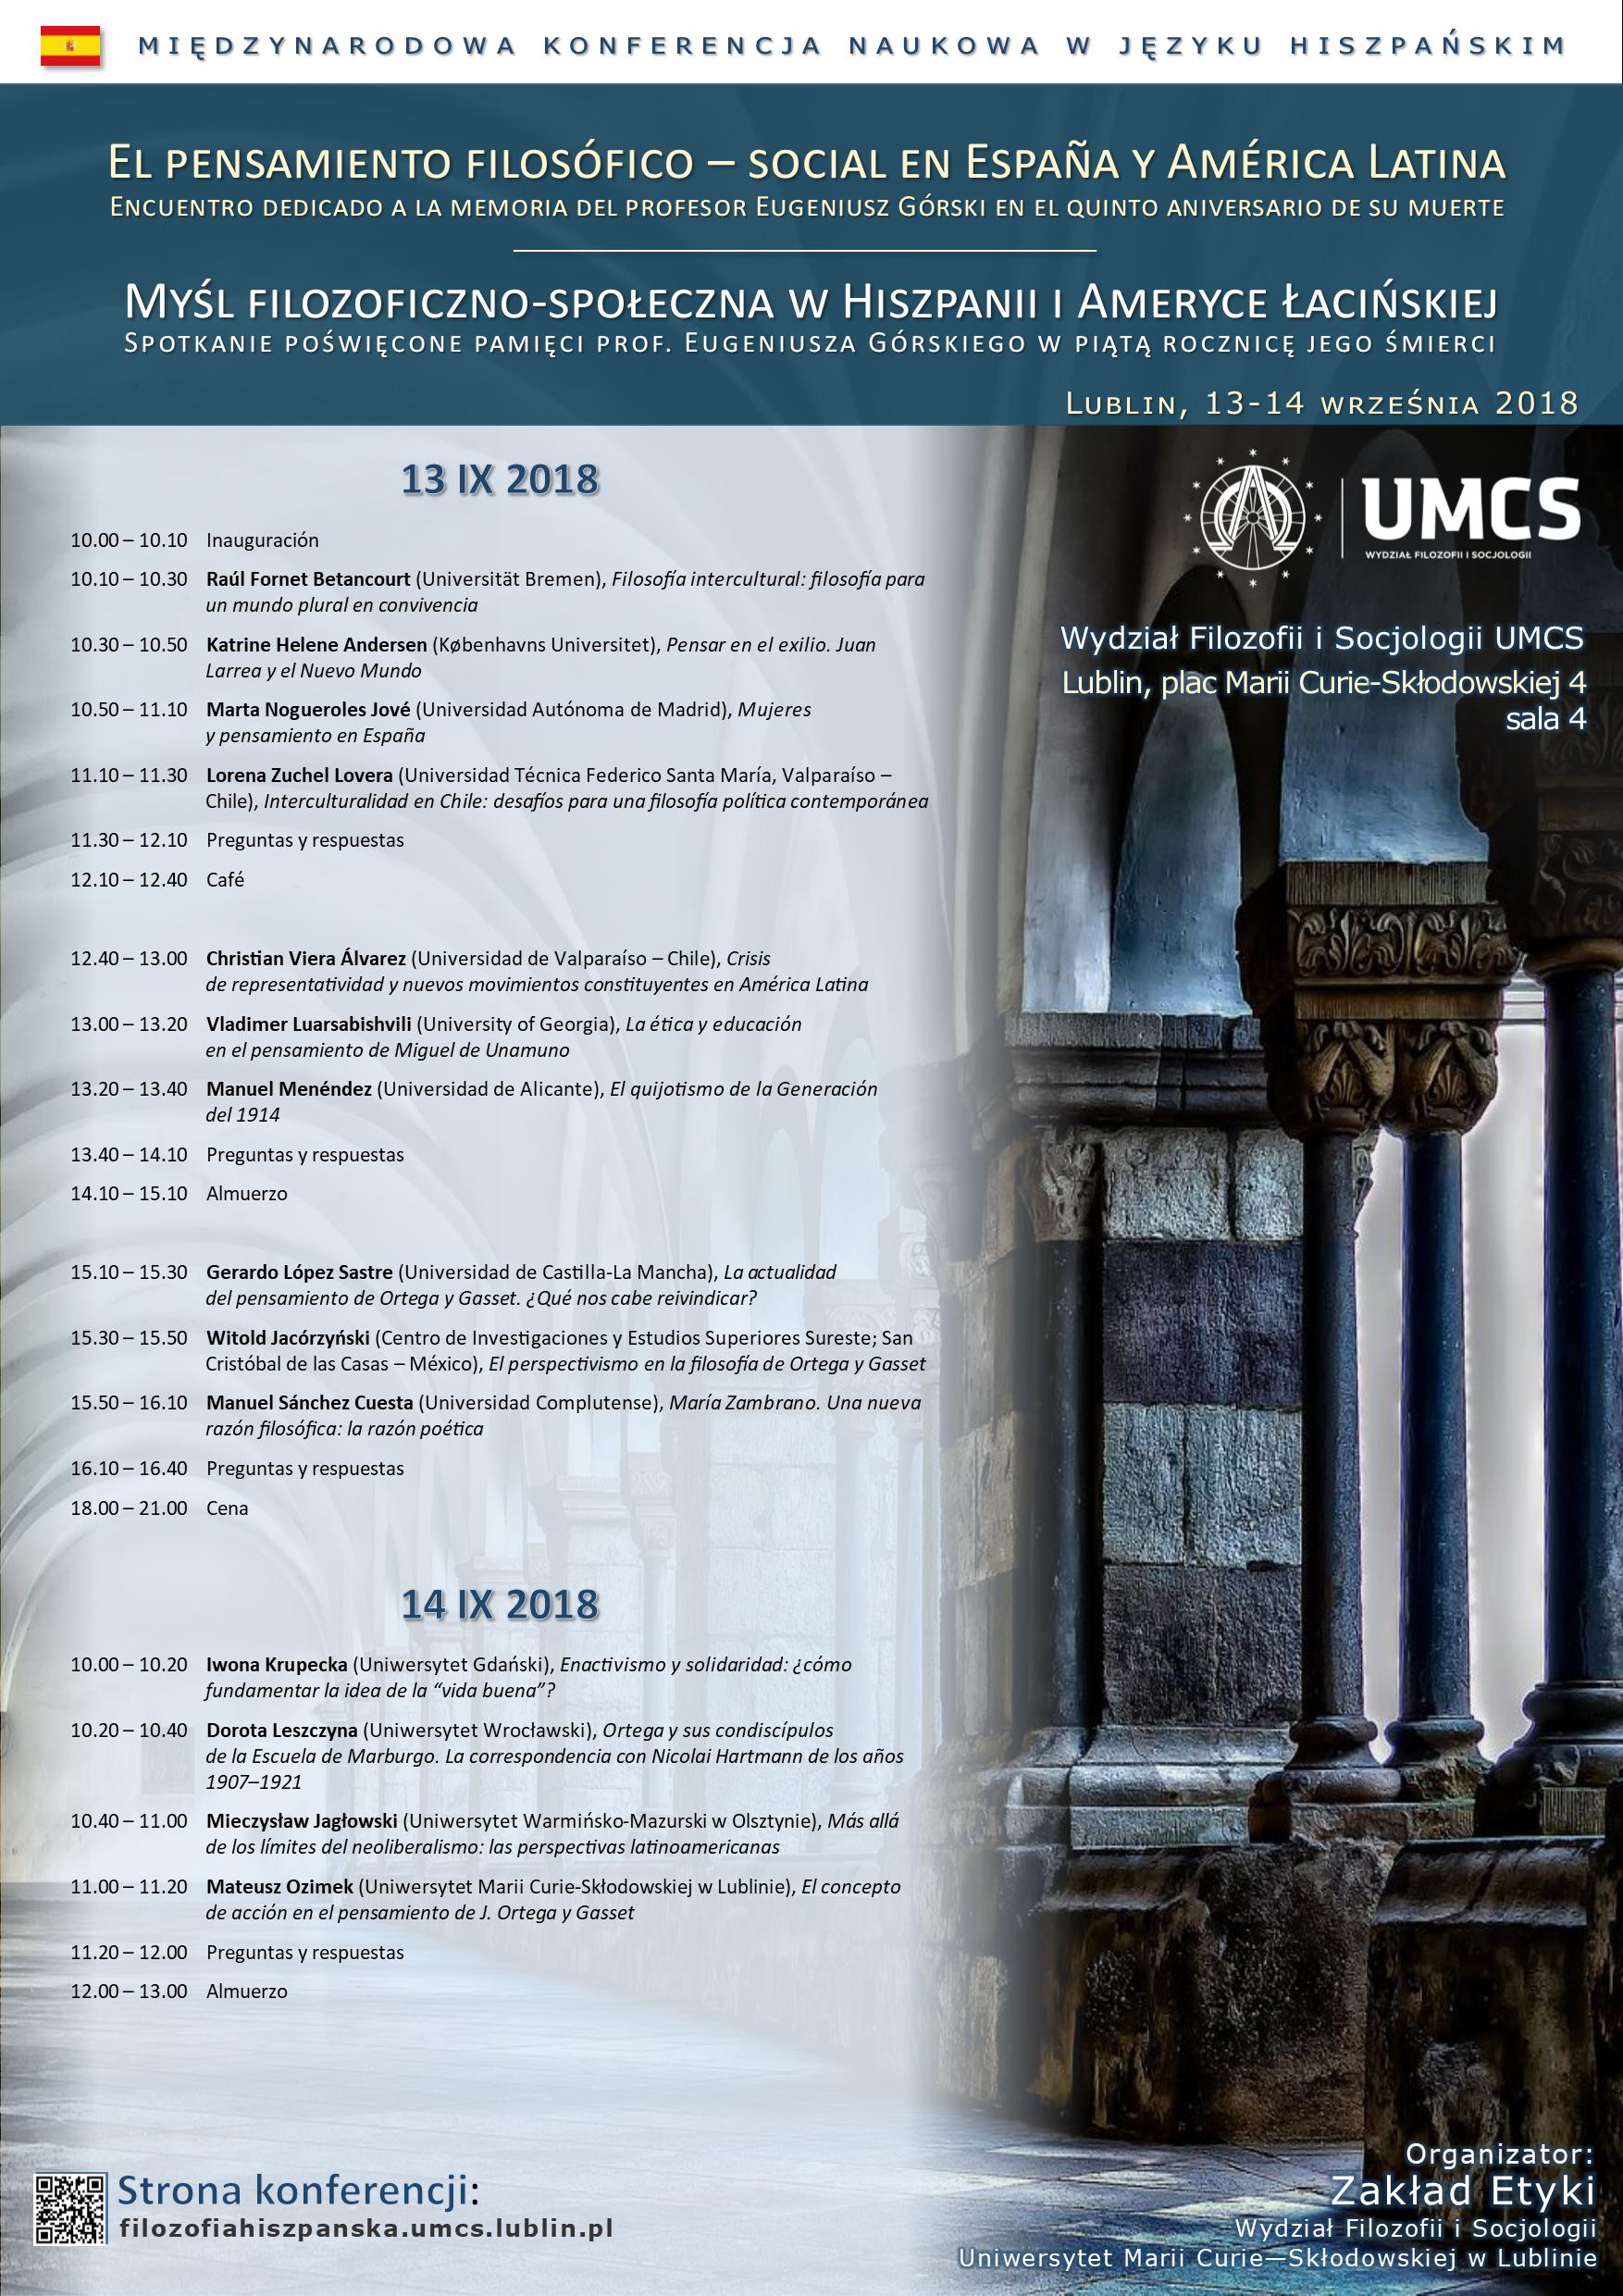 Plakat konferencji Myśl filozoficzno-społeczna w Hiszpanii.png